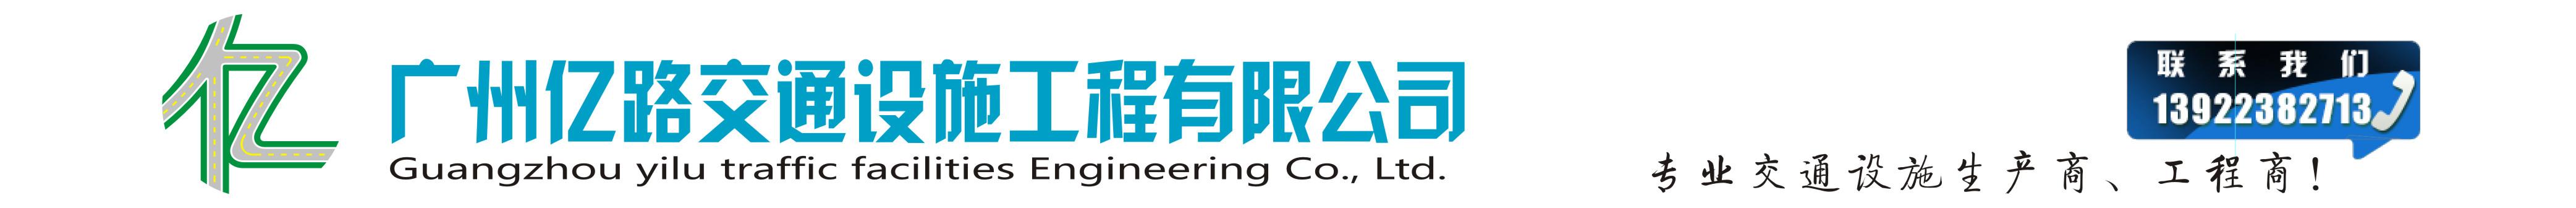 广州亿路交通设施工程有限公司